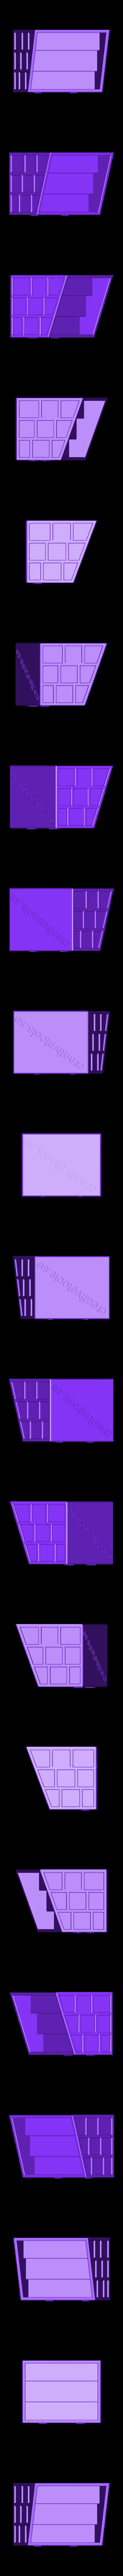 Jousting_Stand_(Modular Castle Playset - 3D-printable)_By_CreativeTools.se.stl Télécharger fichier STL gratuit Plateau modulaire de château (imprimable en 3D) • Modèle à imprimer en 3D, CreativeTools